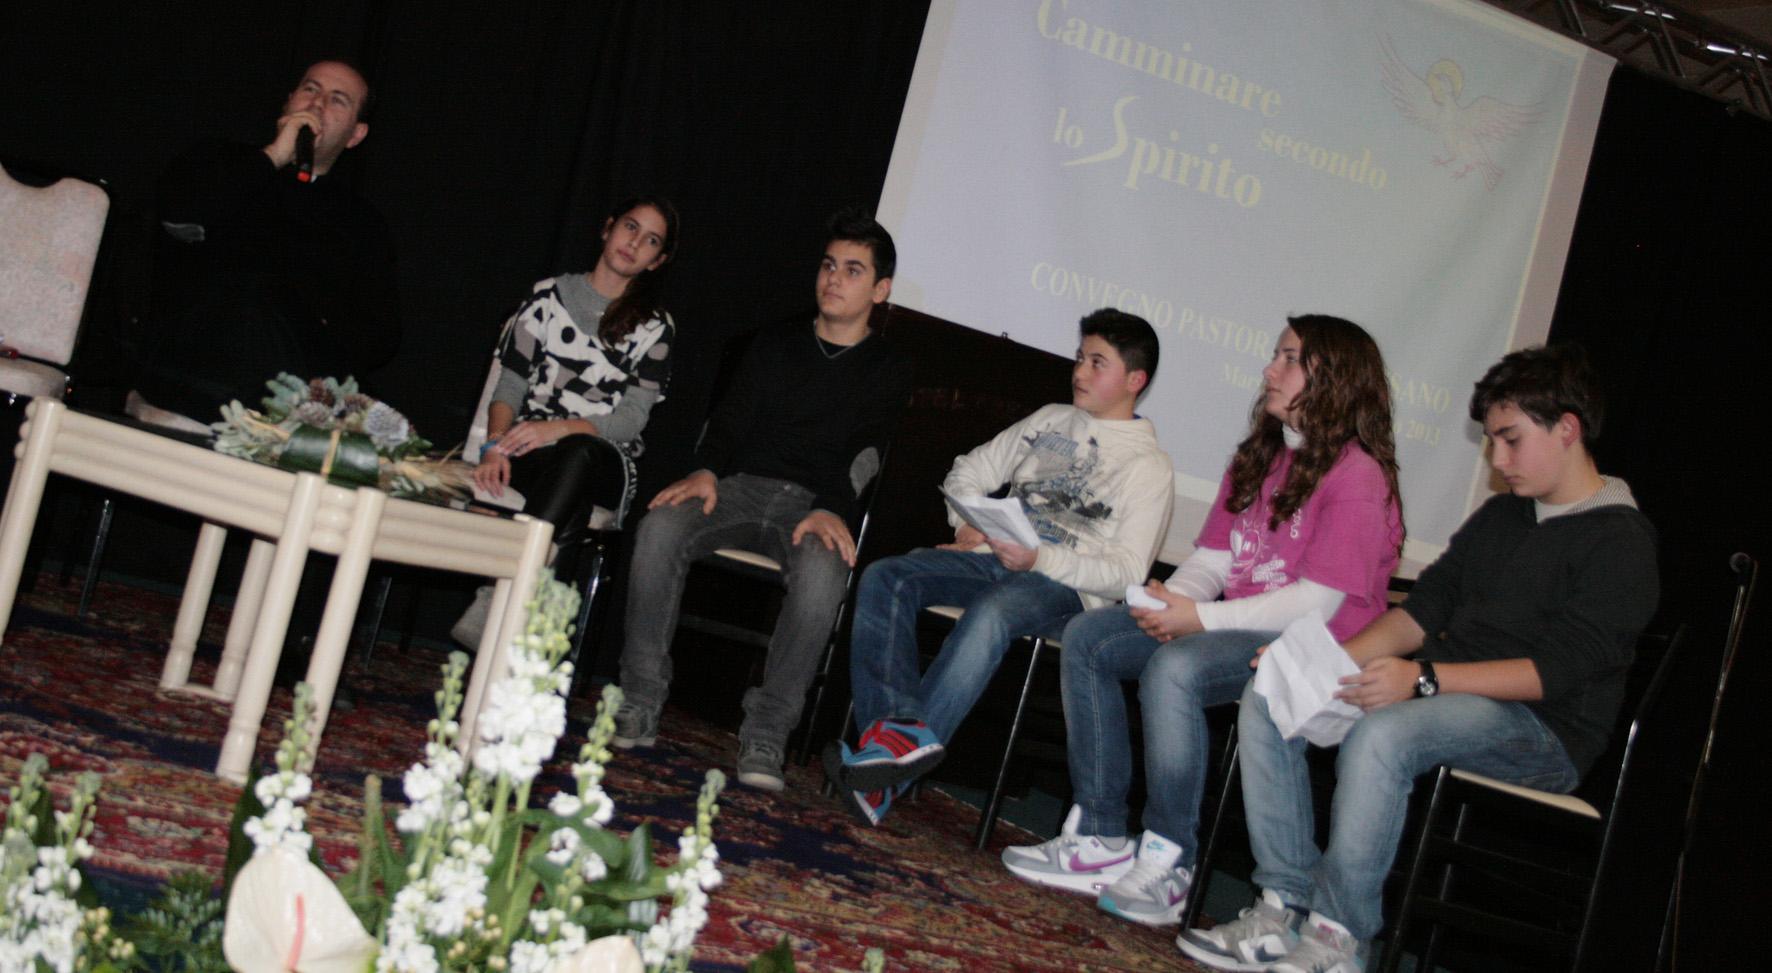 Vito Piccinonna e i ragazzi durante il talk-show